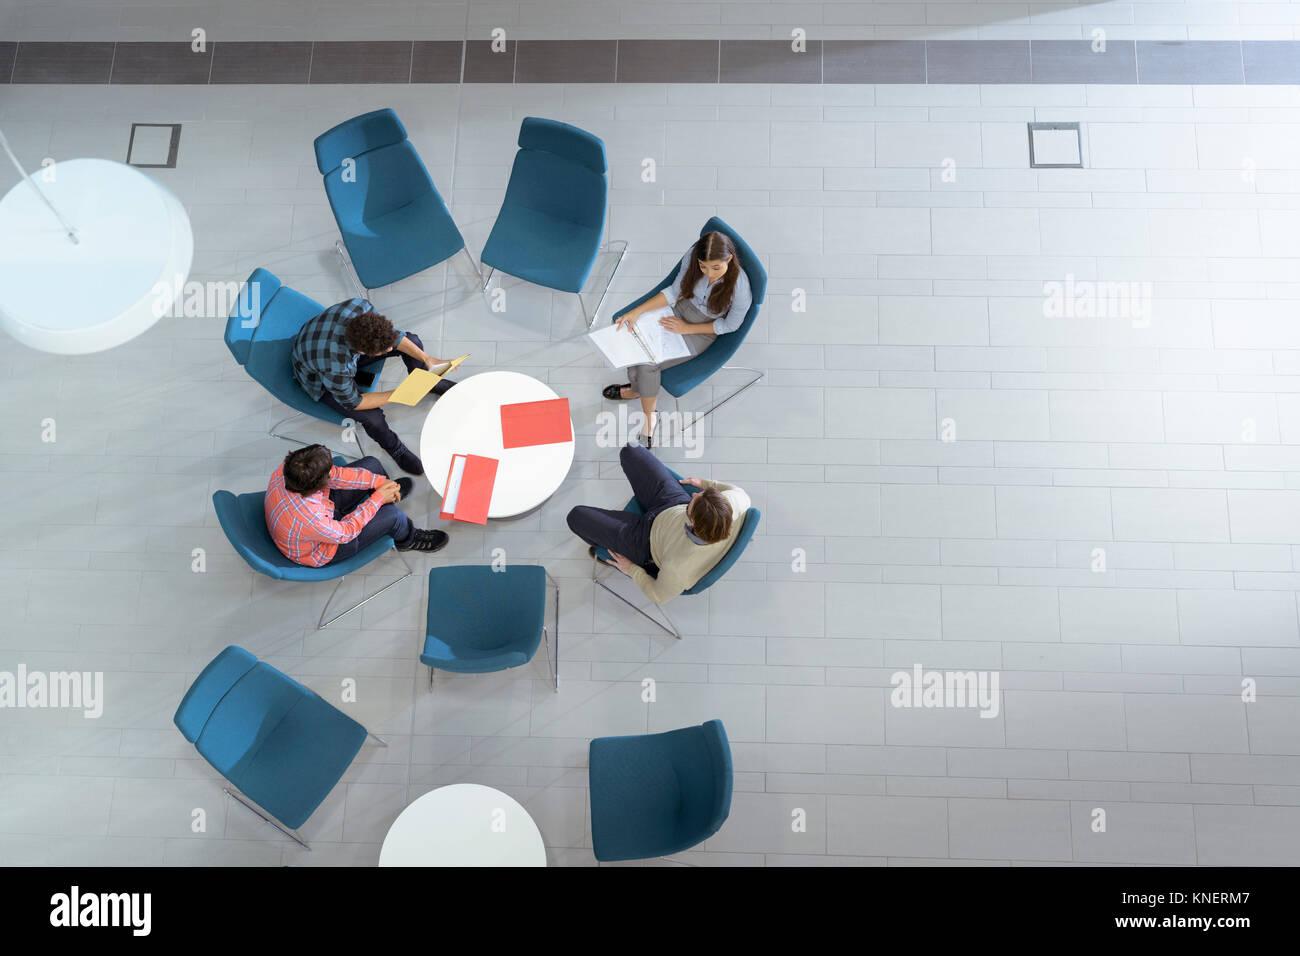 Ansicht von oben der Begegnung in Engineering Facility Stockbild